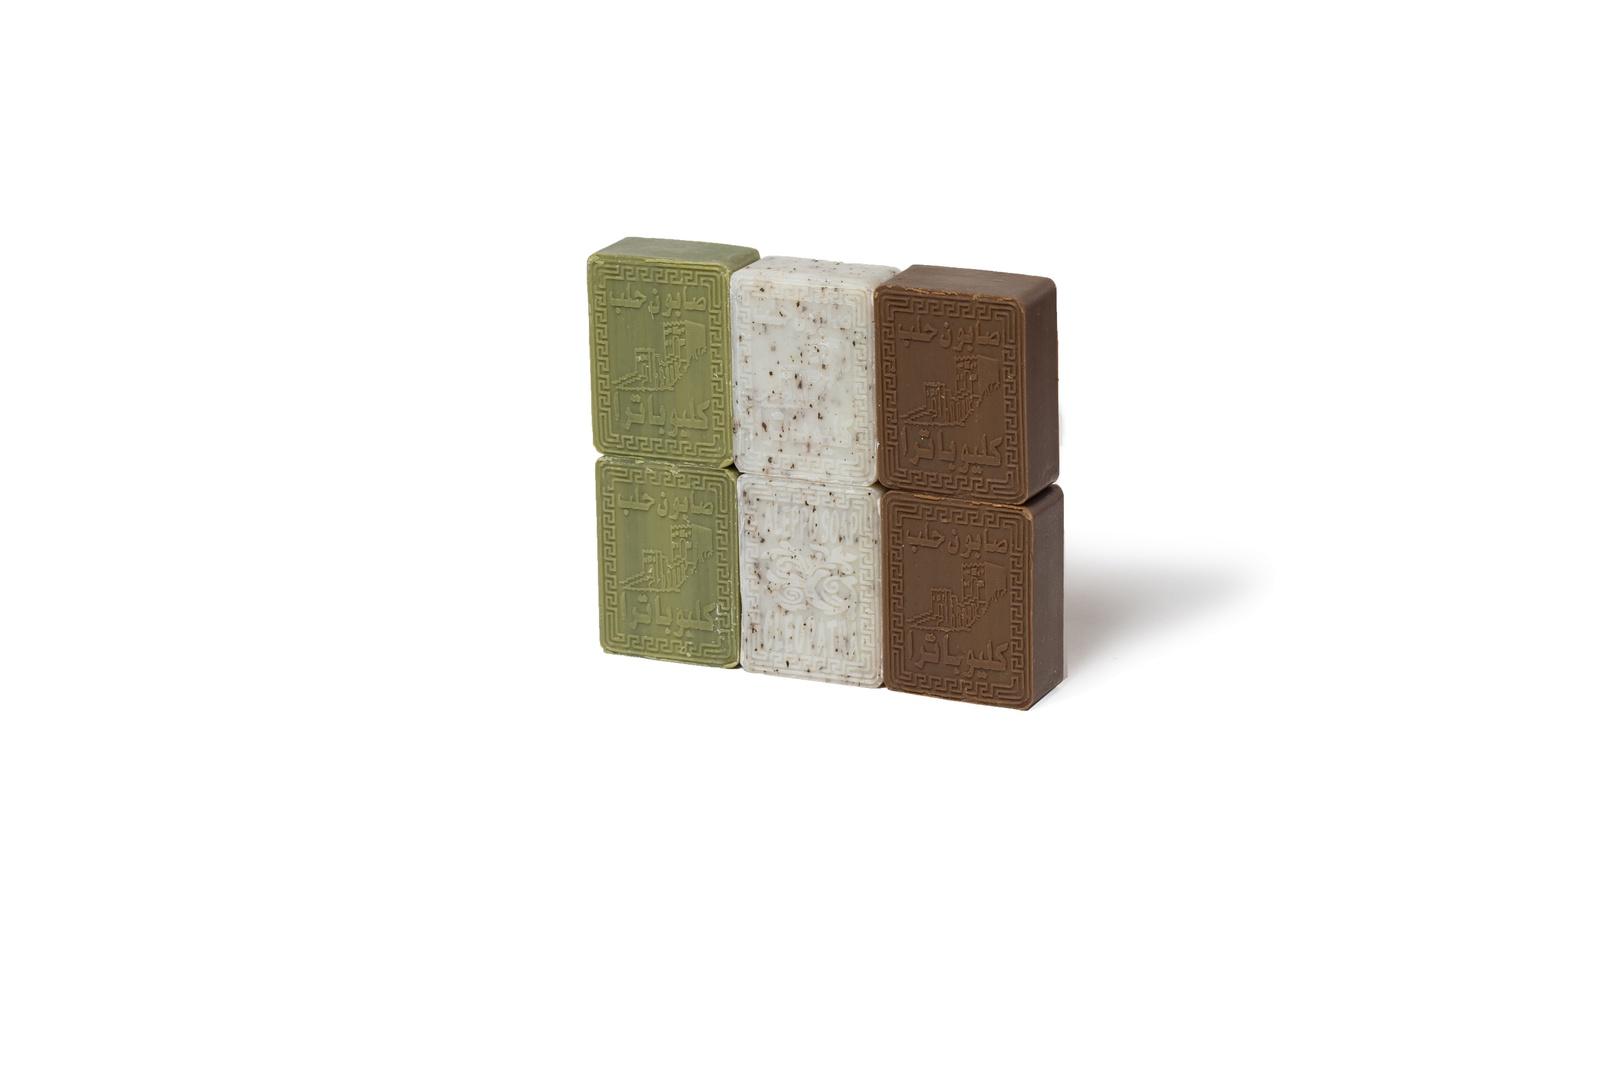 Мыло косметическое Cleopatra 6 шт в подарочной картонной упаковке темно зеленого цвета мыло с колд кремом авен